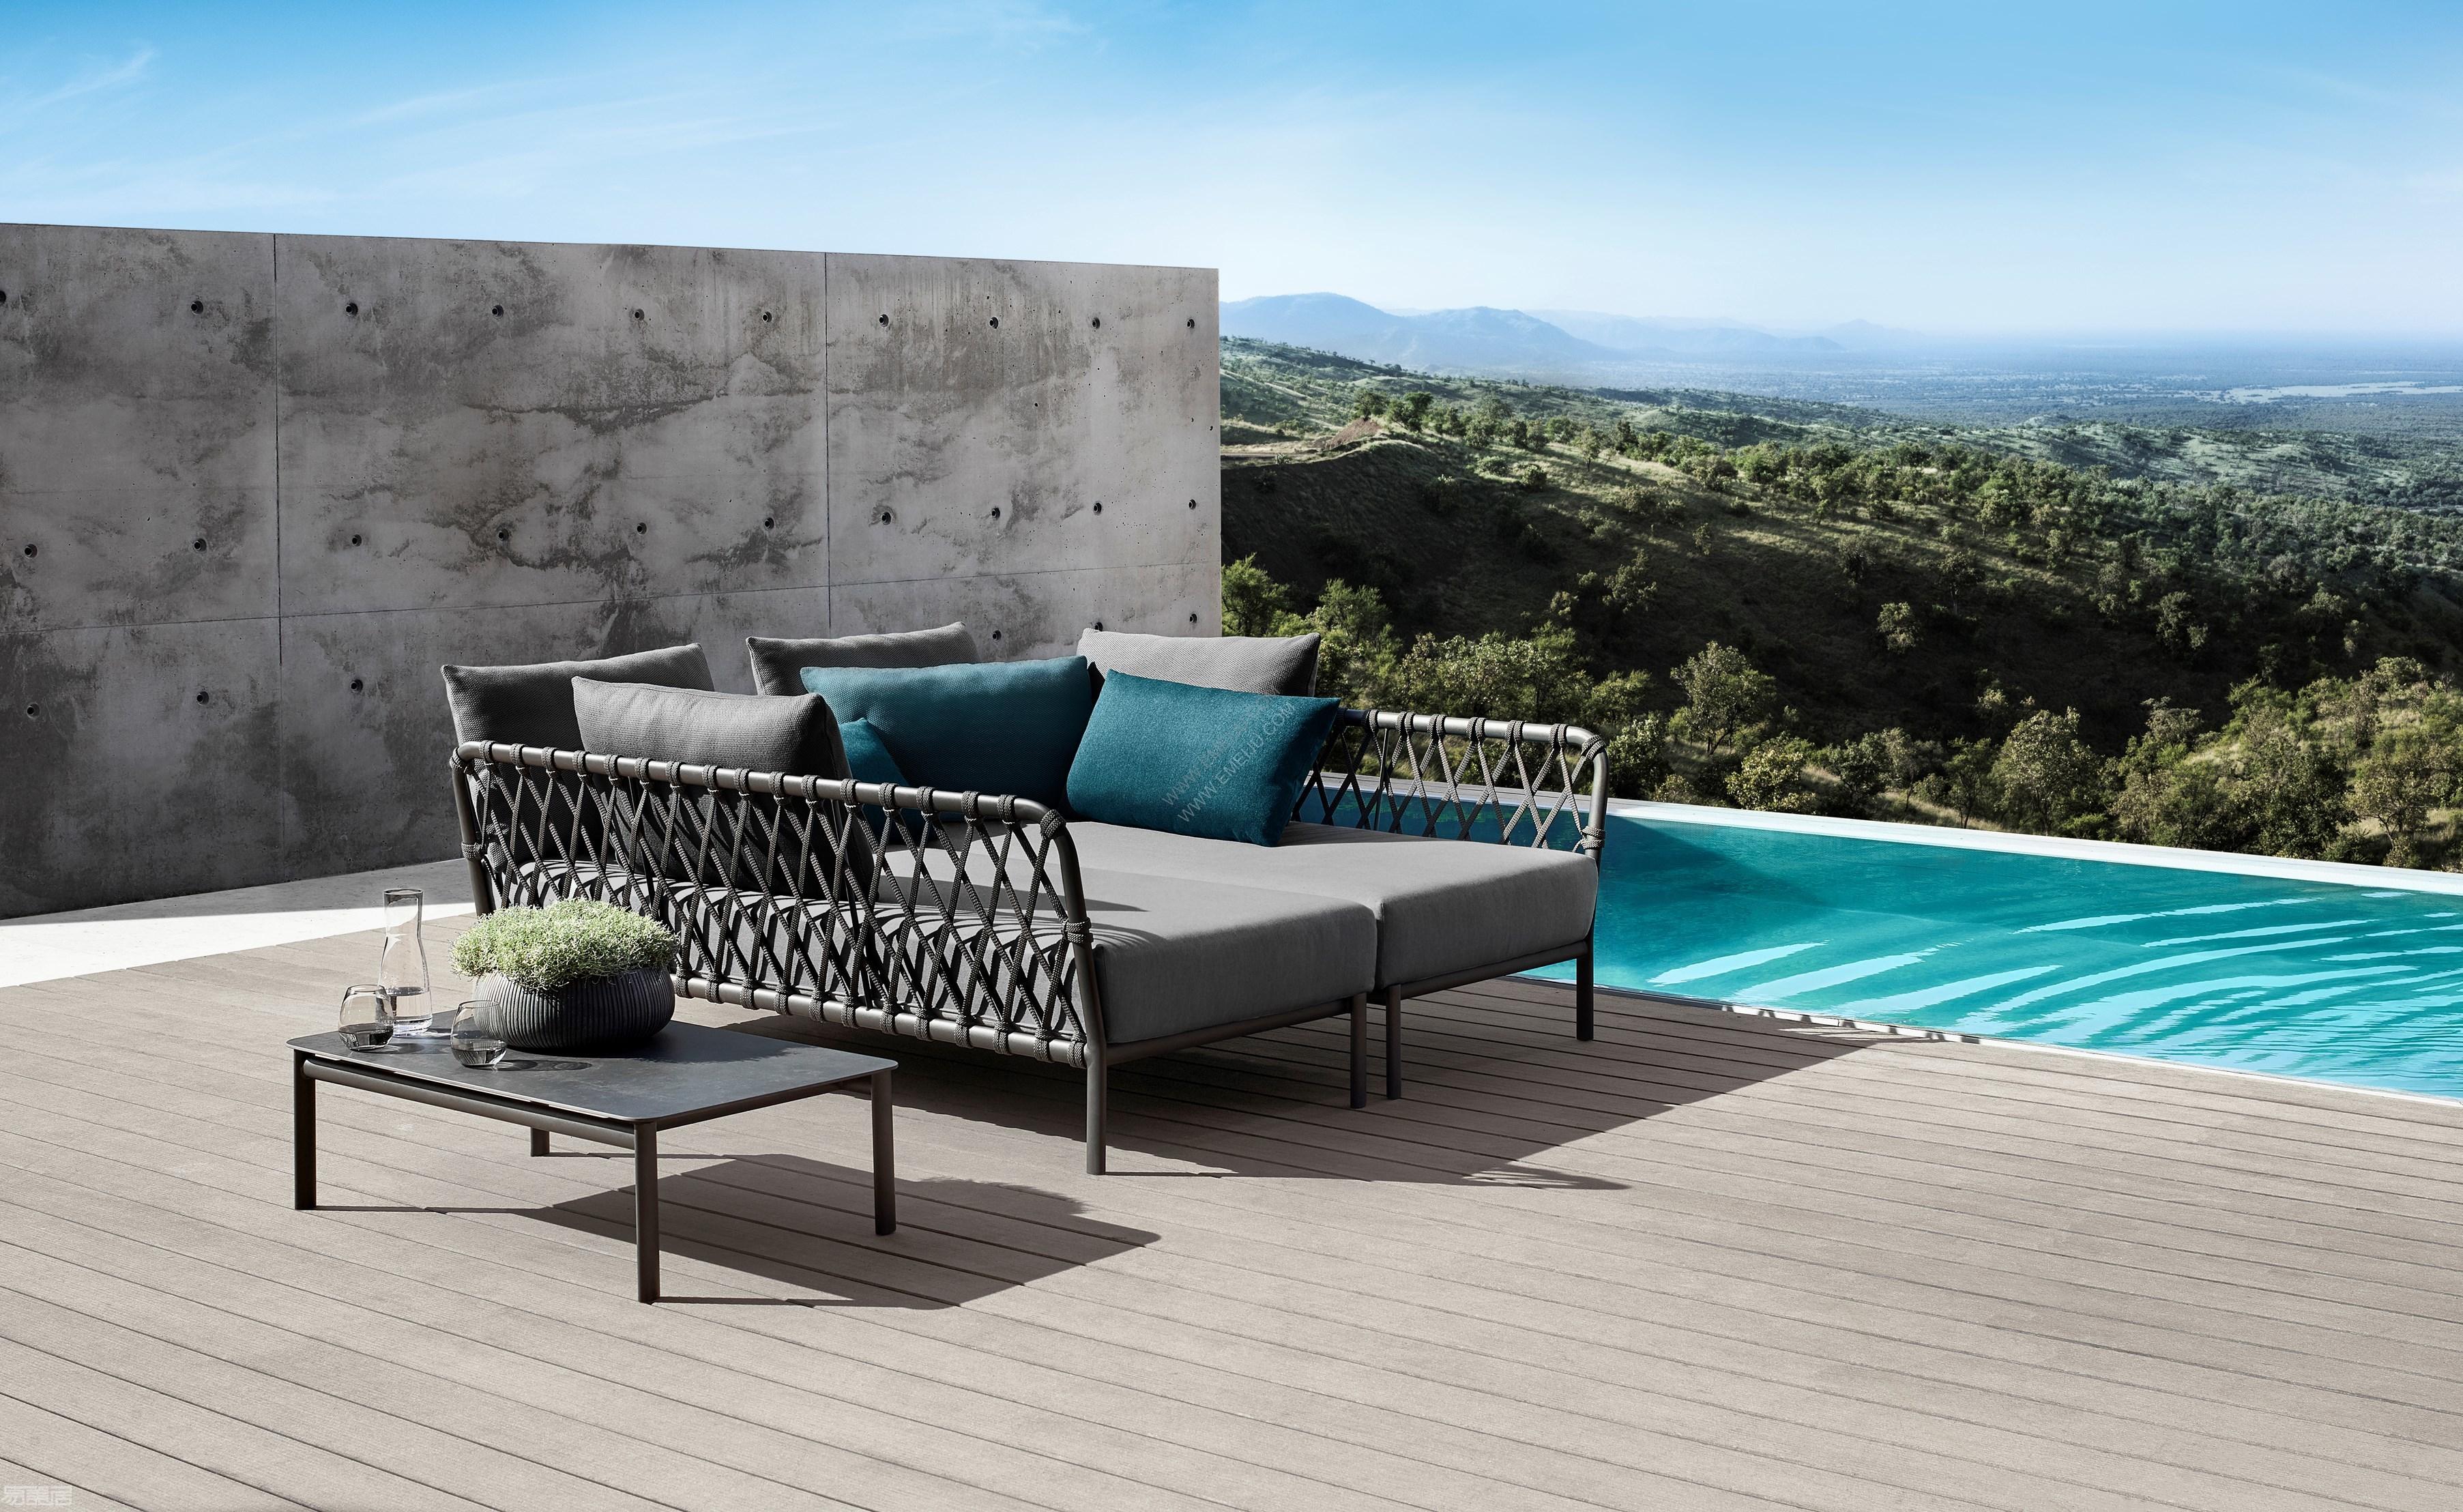 CARO-Sectional-garden-sofa-solpuri-367663-rel80998b4e.jpg